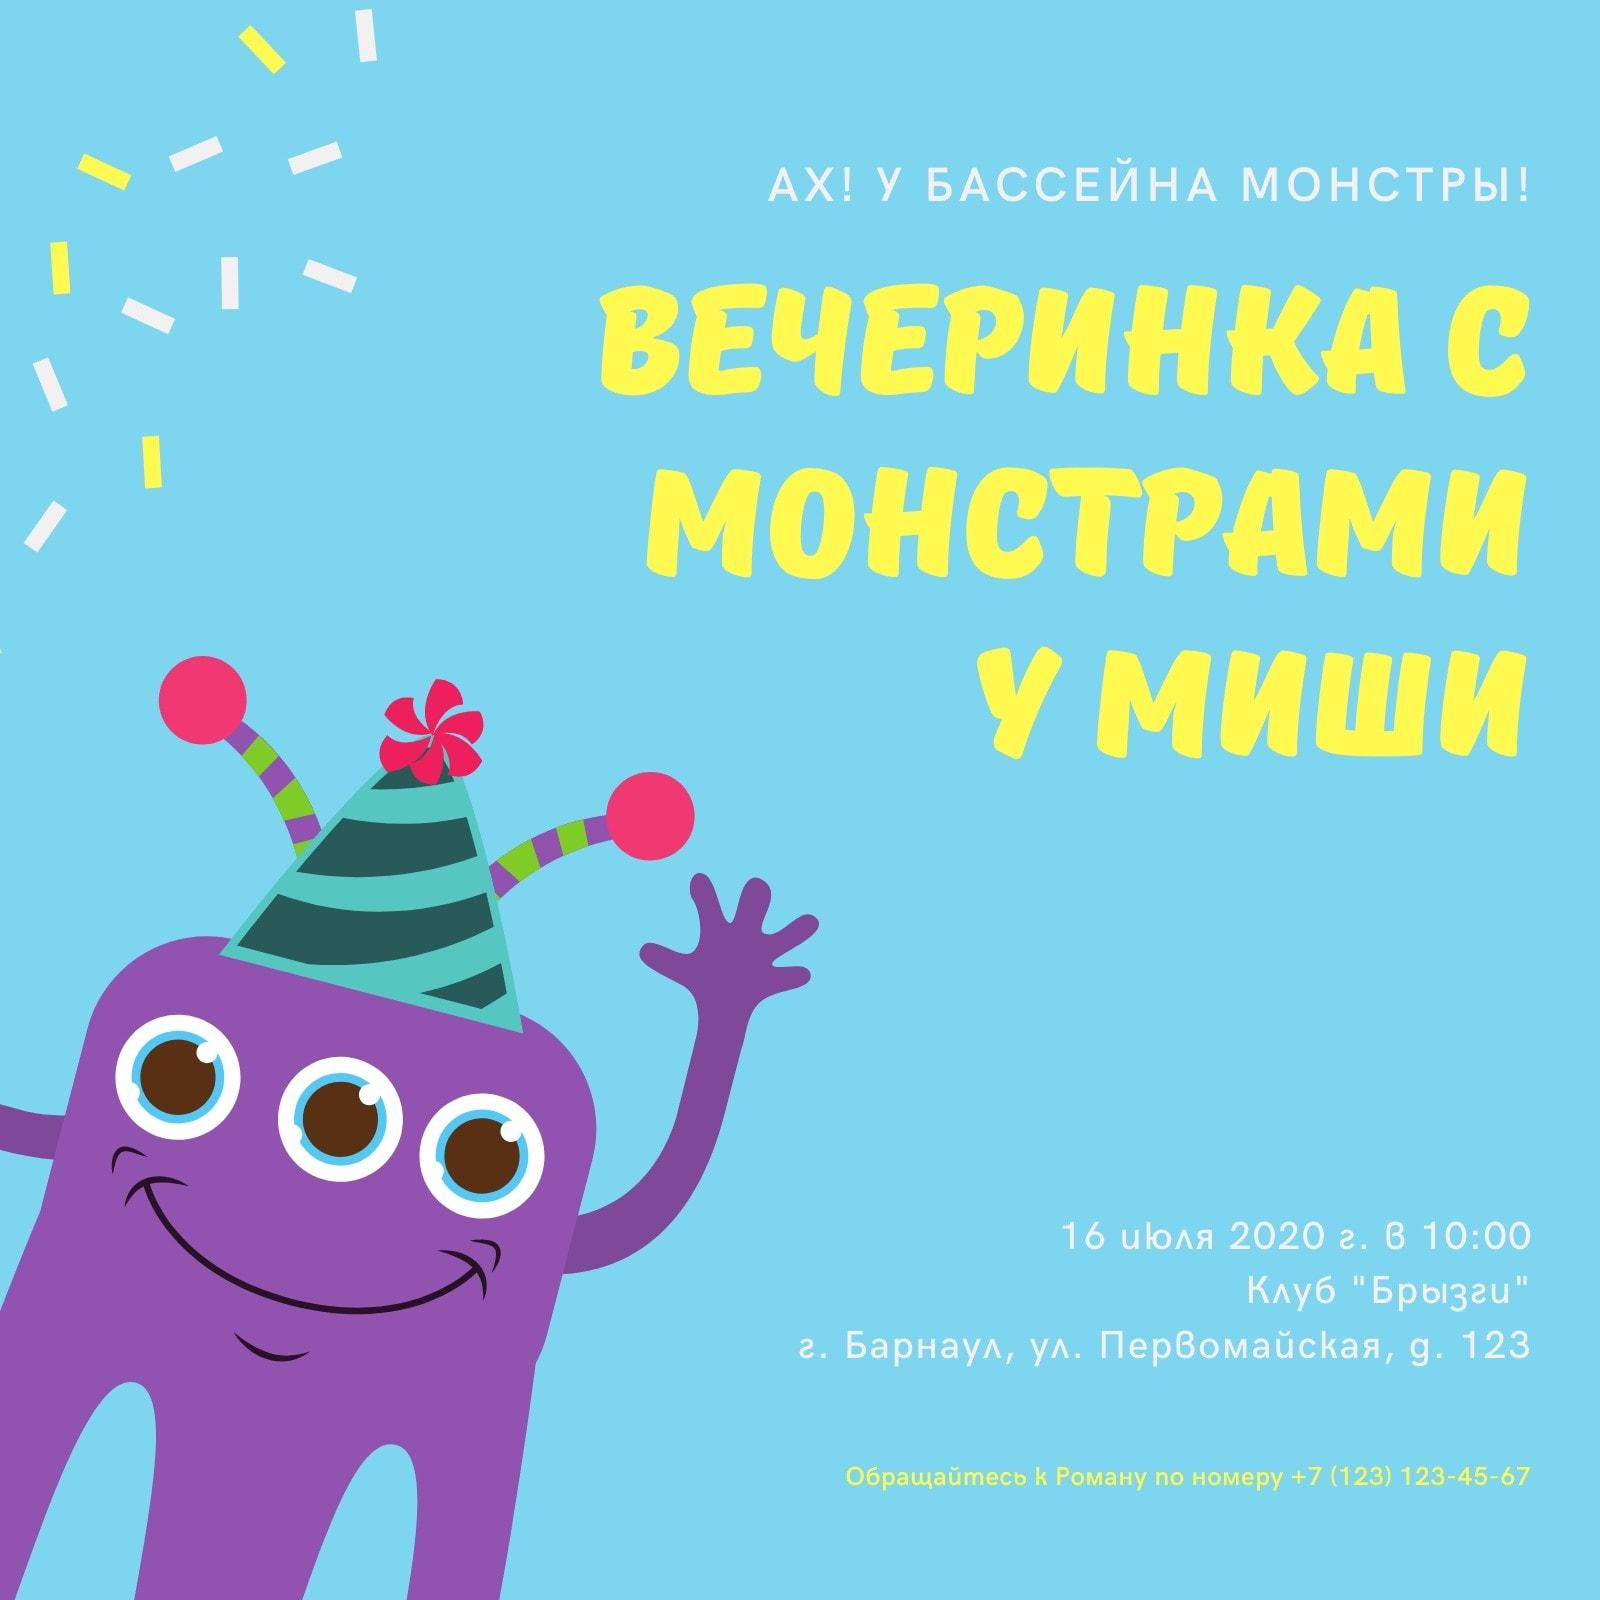 тематика монстров день рождения бассейн вечеринка приглашение